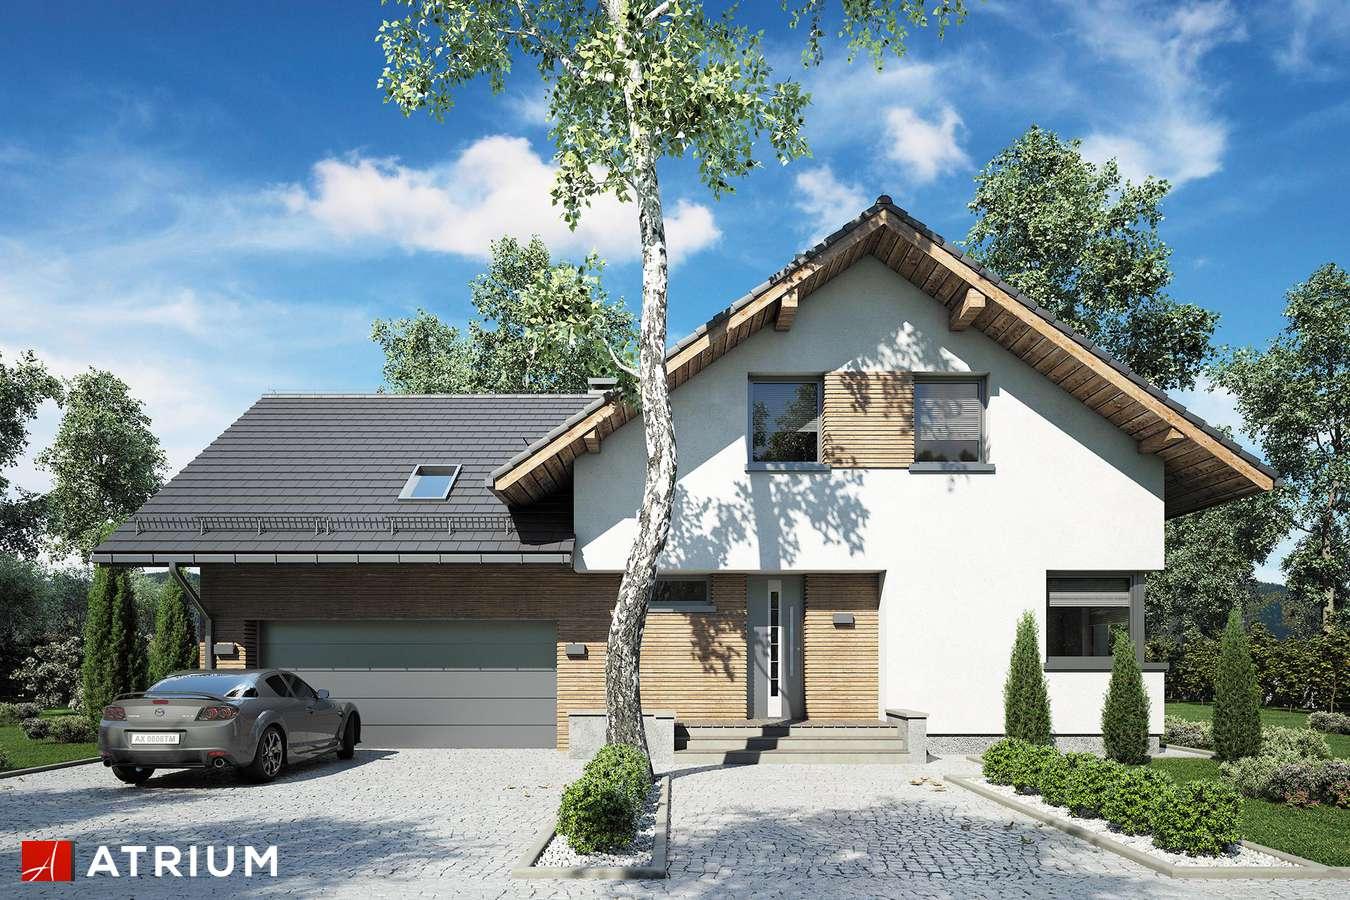 Projekty domów - Projekt domu z poddaszem MALBEC - wizualizacja 1 - wersja lustrzana